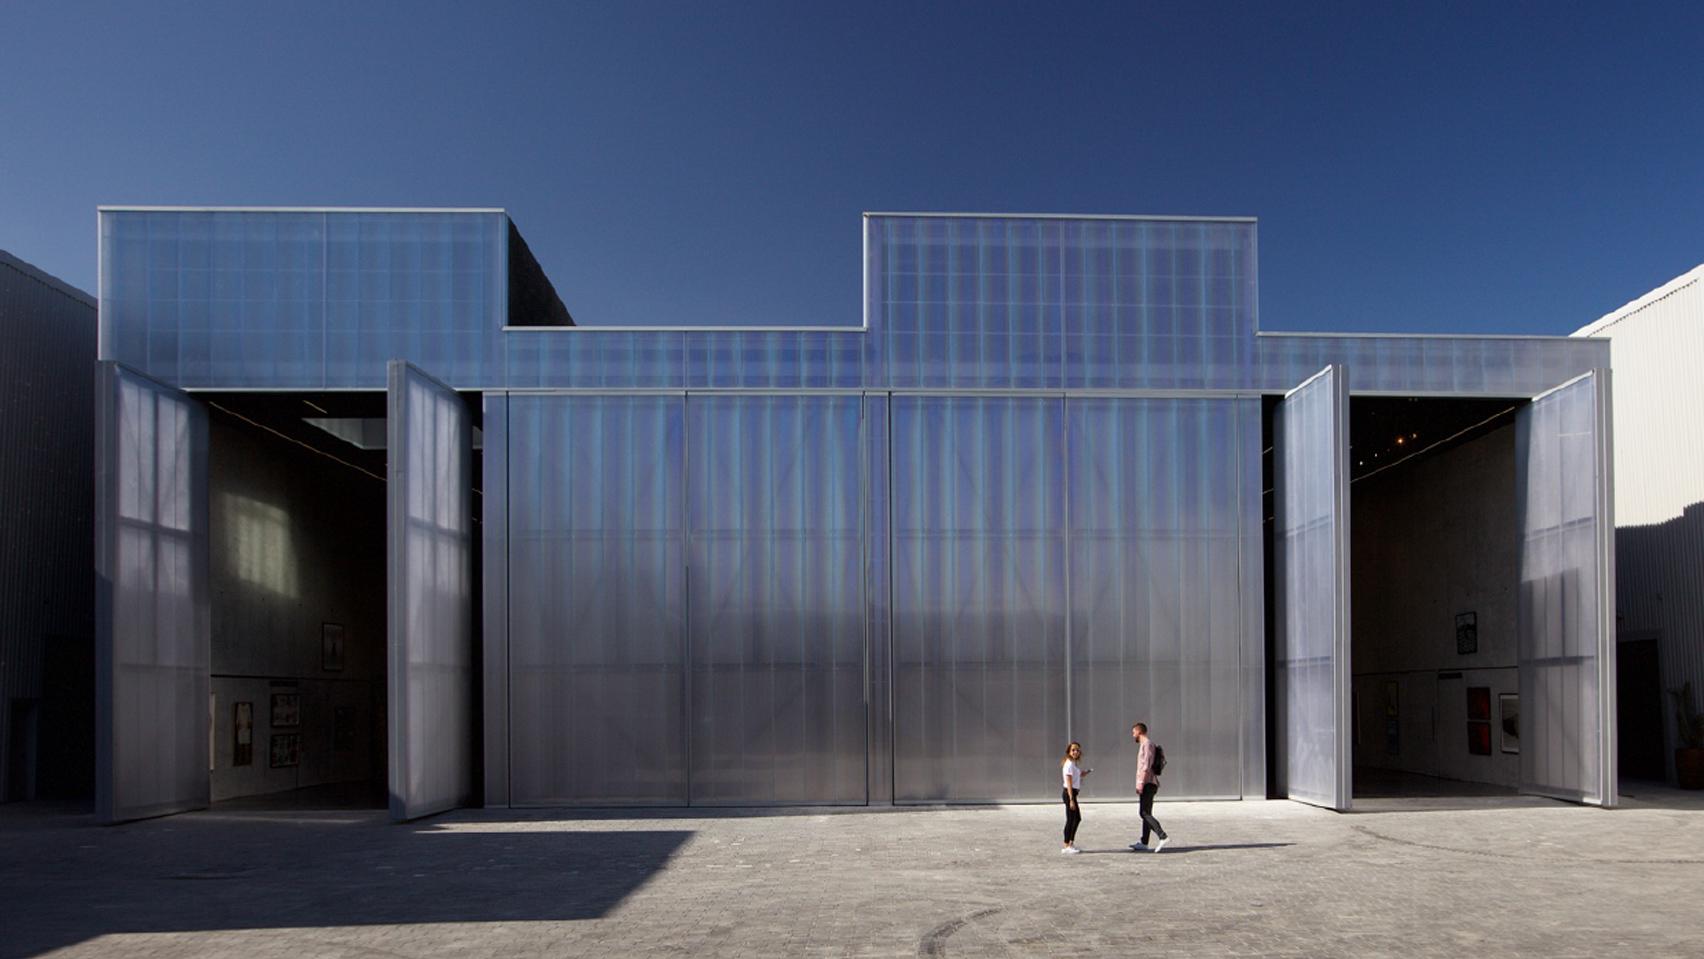 Galeria Exposiciones Dubai obra del estudio OMA